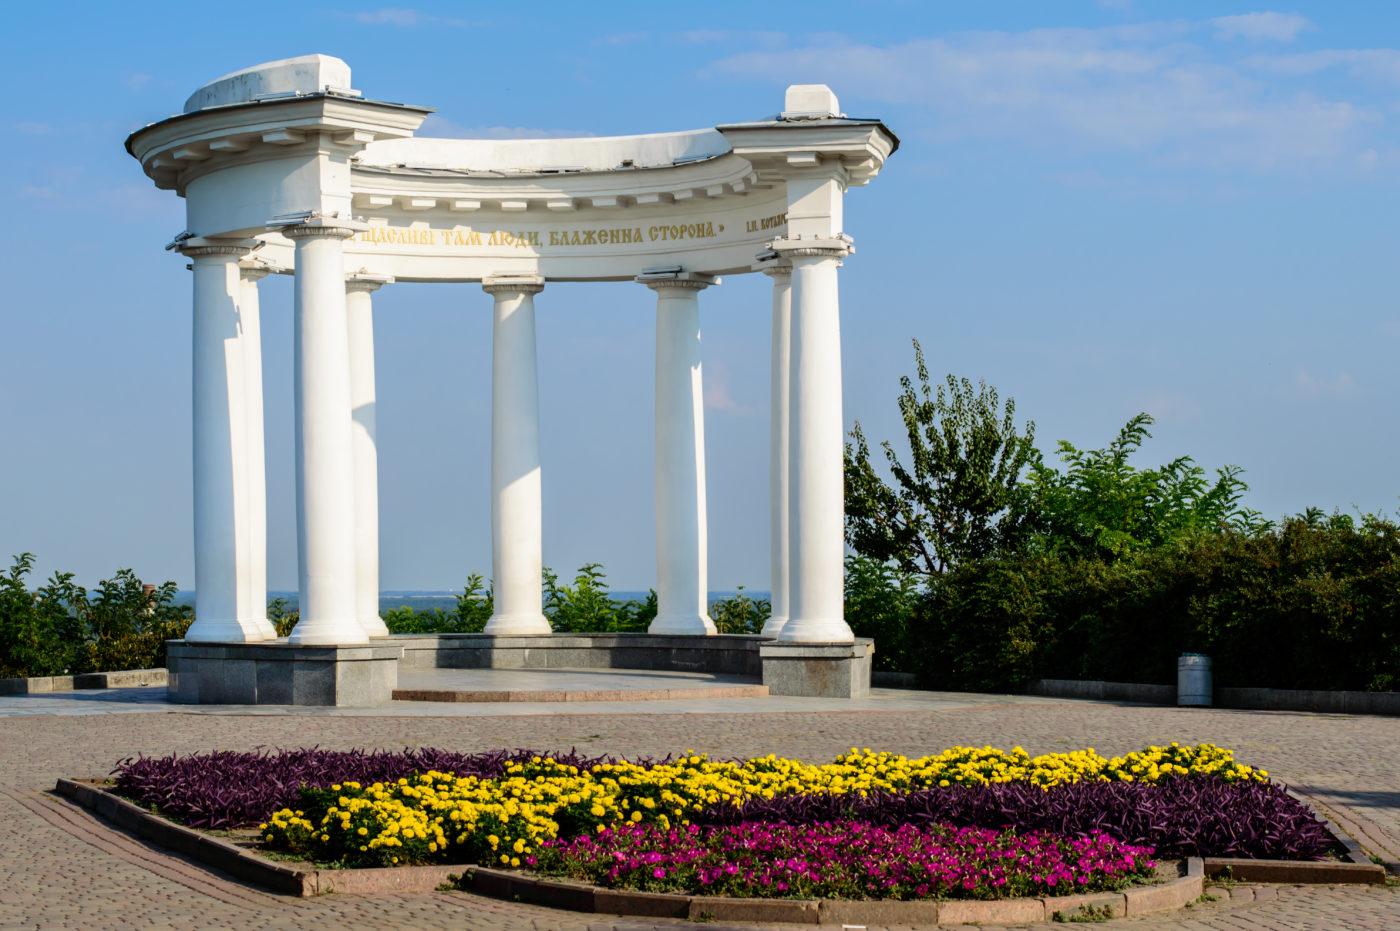 Біла альтанка - оригінальна пам'ятка Полтави, має форму альтанки з колонадою